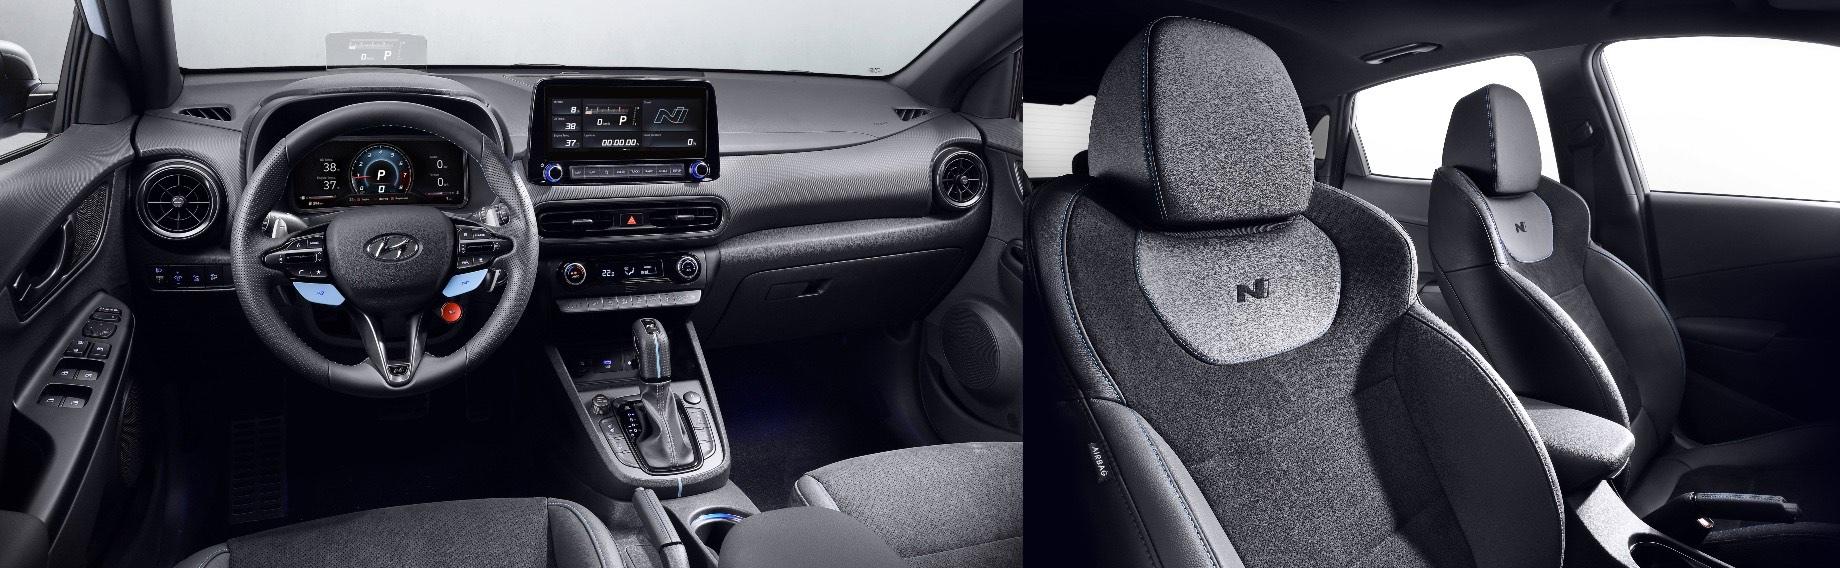 Кросс-хэтч Hyundai Kona N выйдет на рынок летом